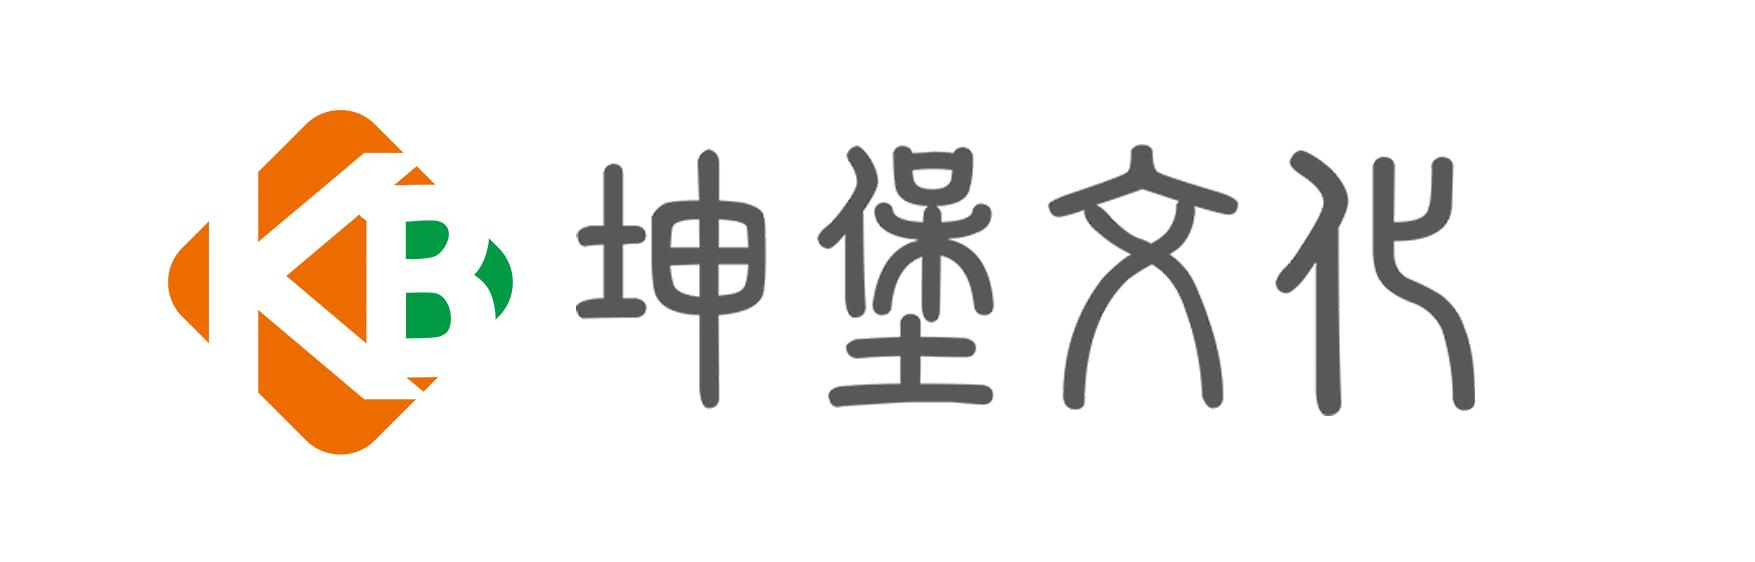 上海坤堡文化科技集团有限公司